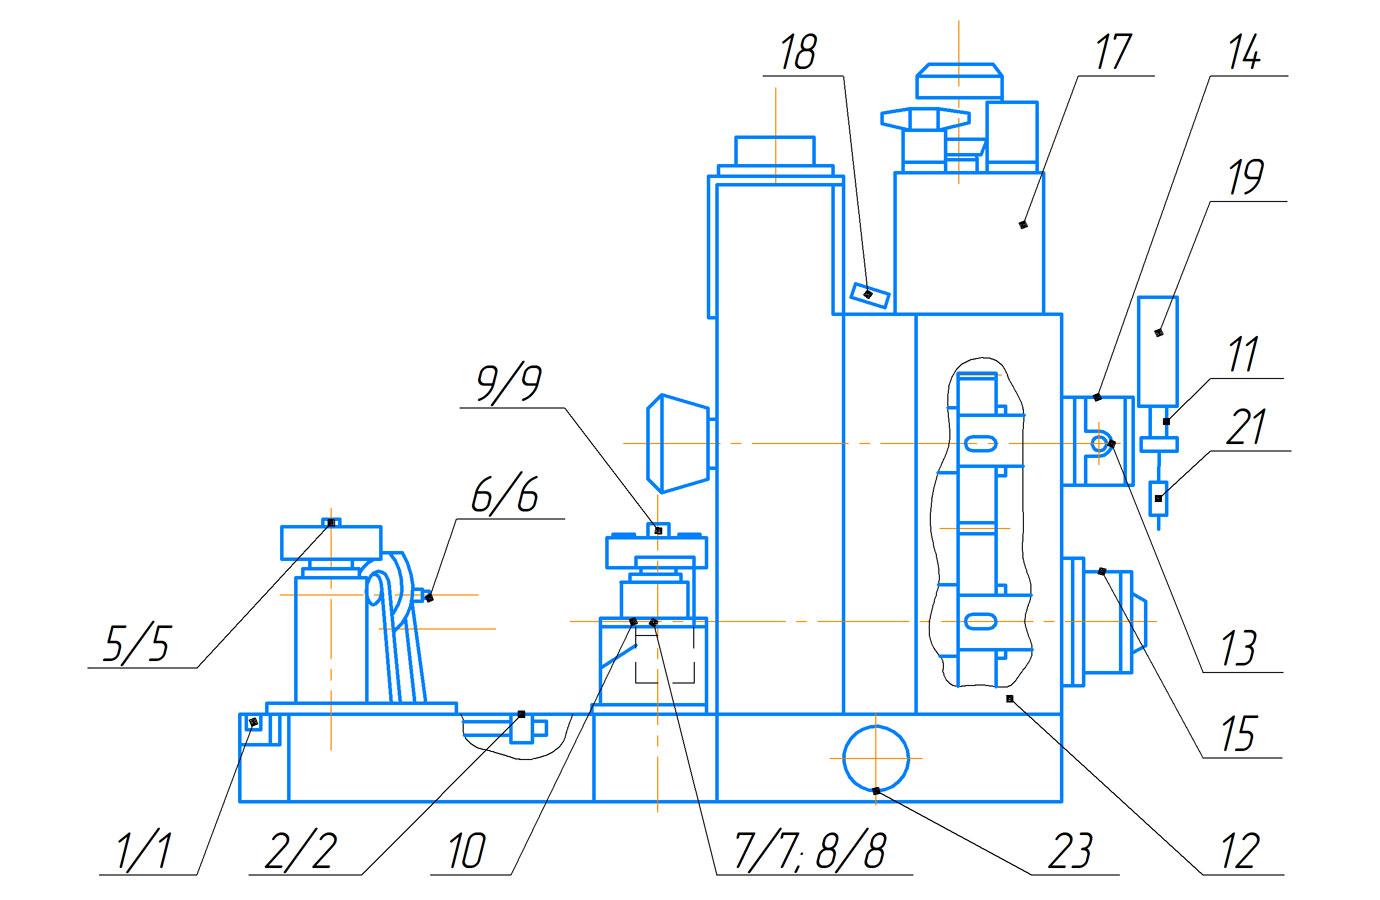 Схема расположения точек смазки пресса гидравлического ПБ7730 для обжима буртов бандажей усилием 1000 кН